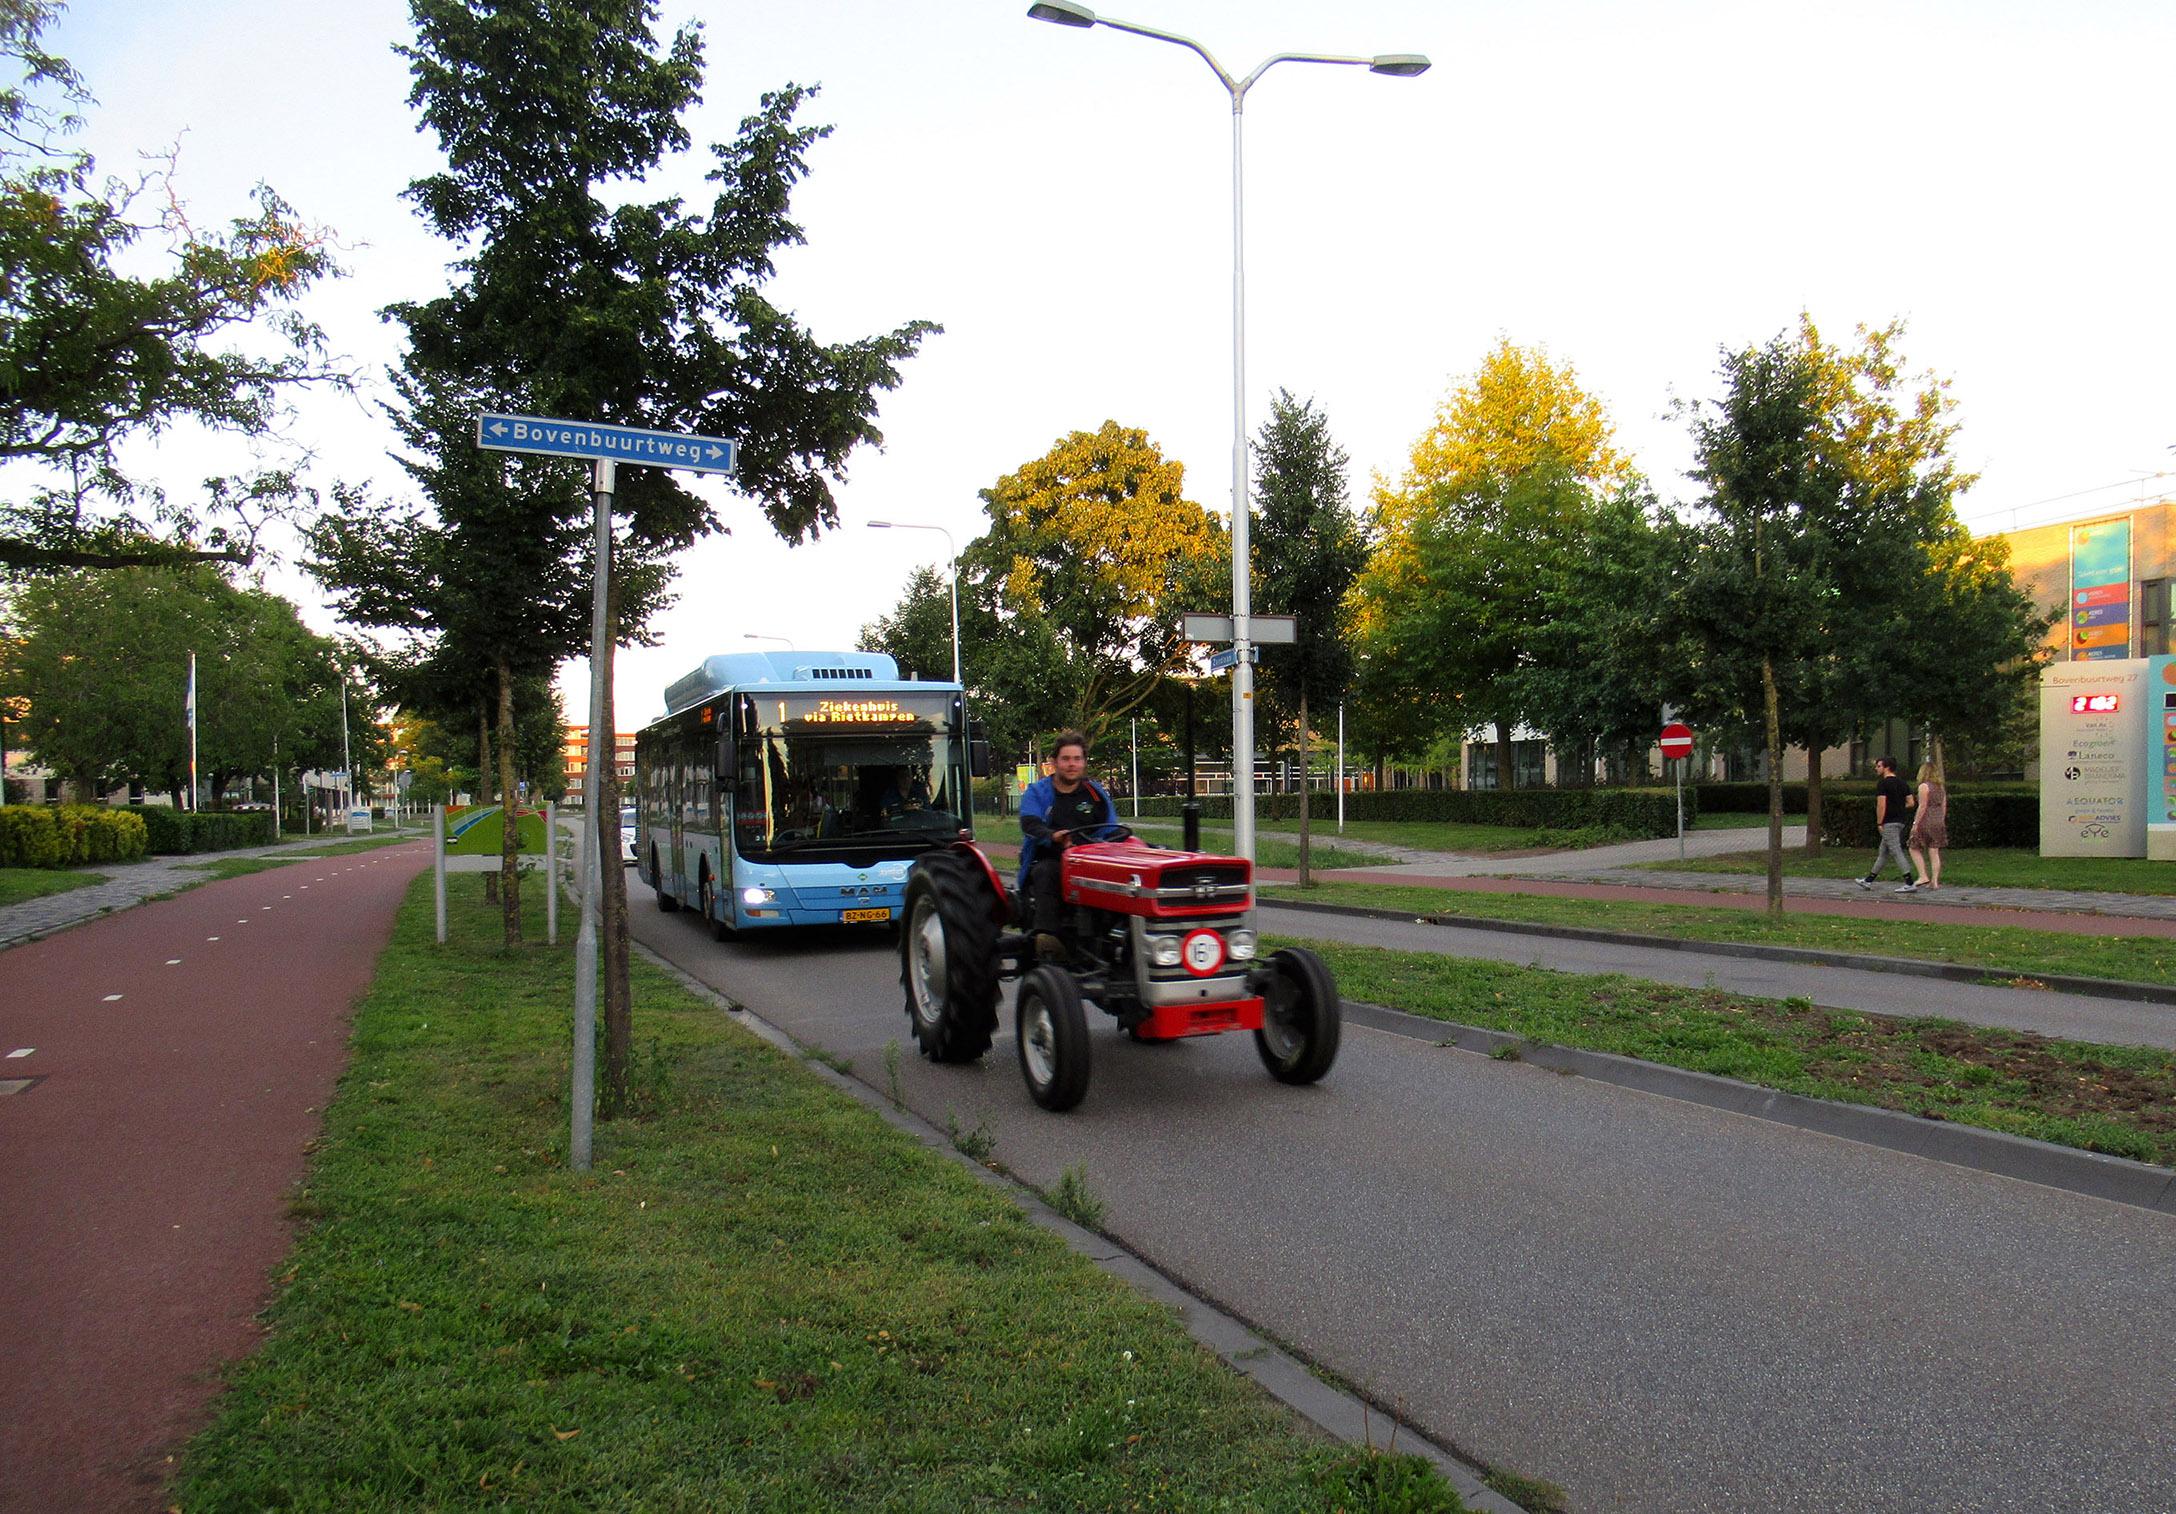 Als we de Zandlaan oversteken komt er net een trekker voorbij met de lijnbus en een aantal auto's in zijn kielzog. En een breed lachende bestuurder... van de trekker bedoel ik dan! - Foto: ©Louis Fraanje